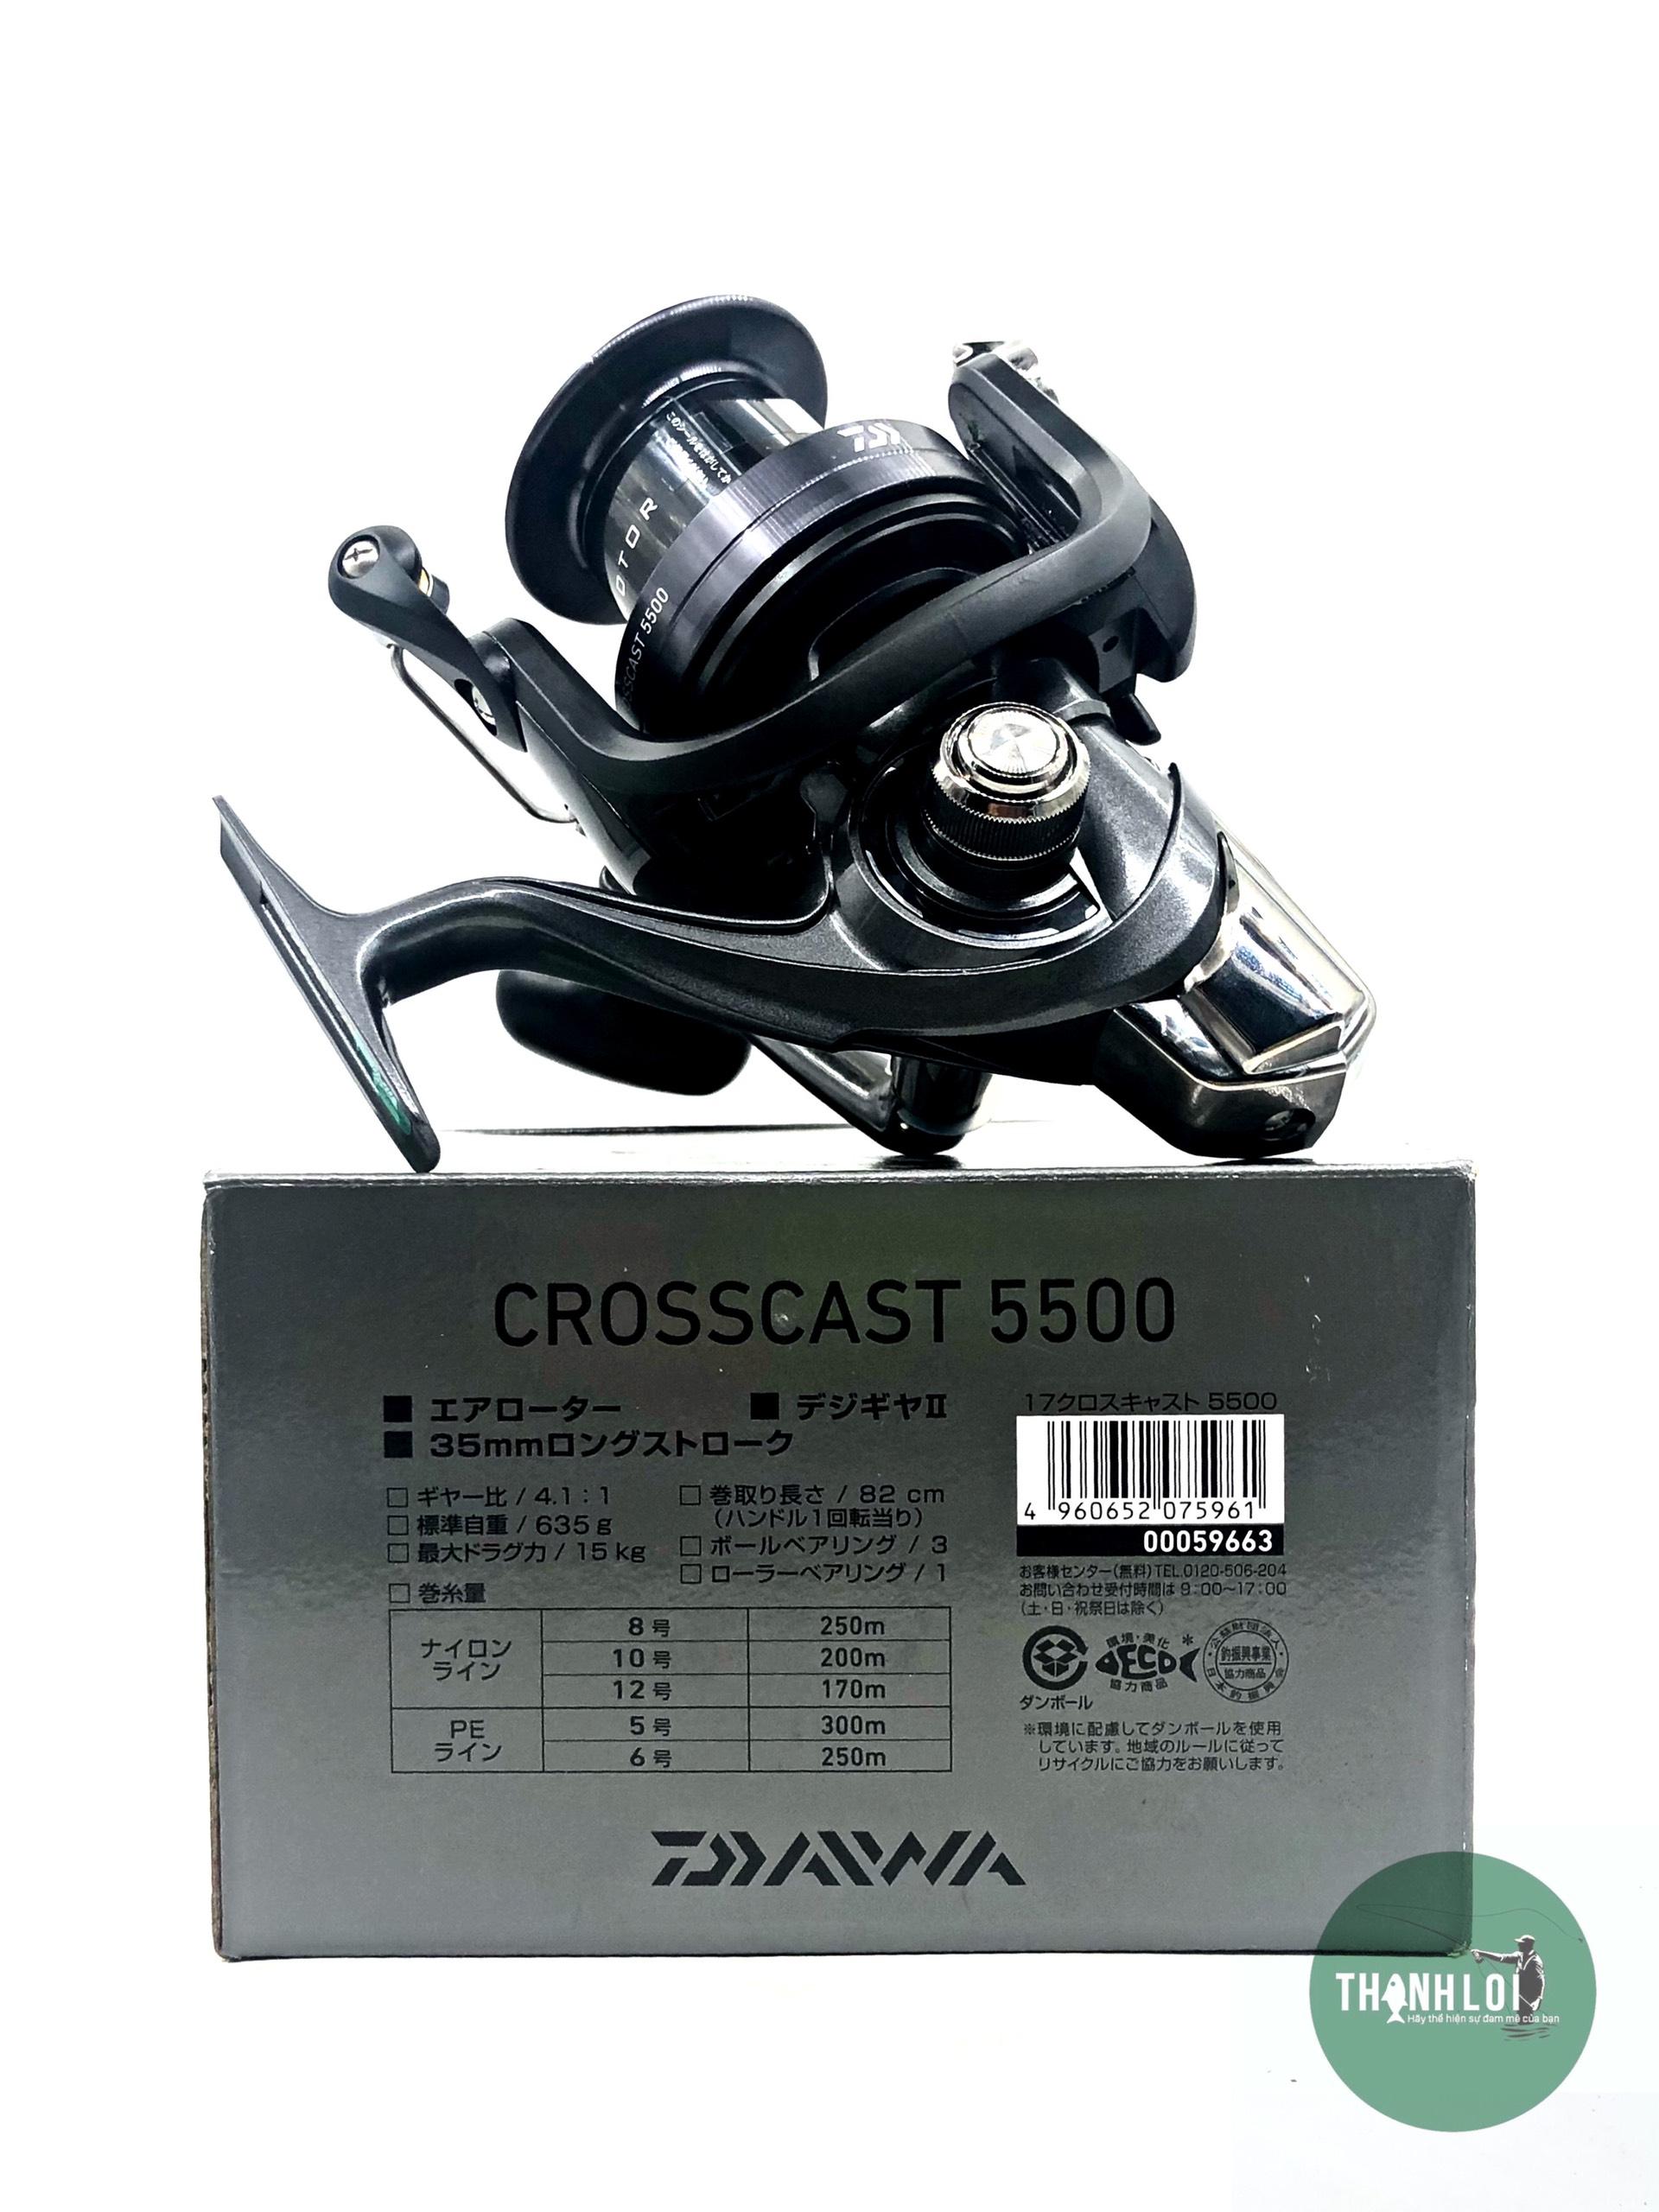 Daiwa CrossCast